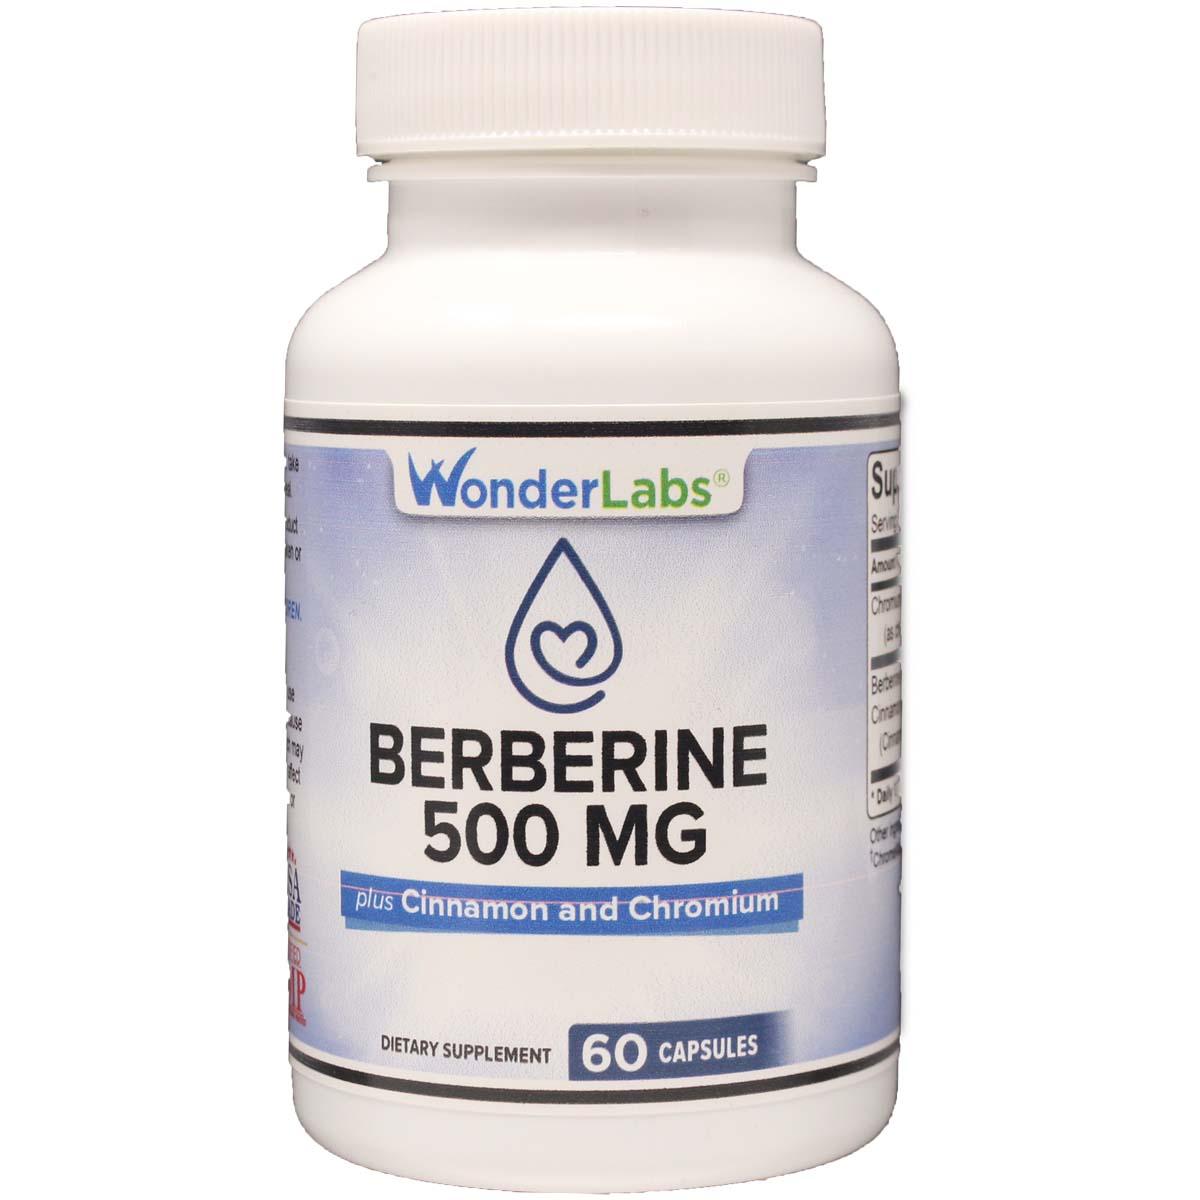 Berberine 500 mg + Cinnamon and Chromium